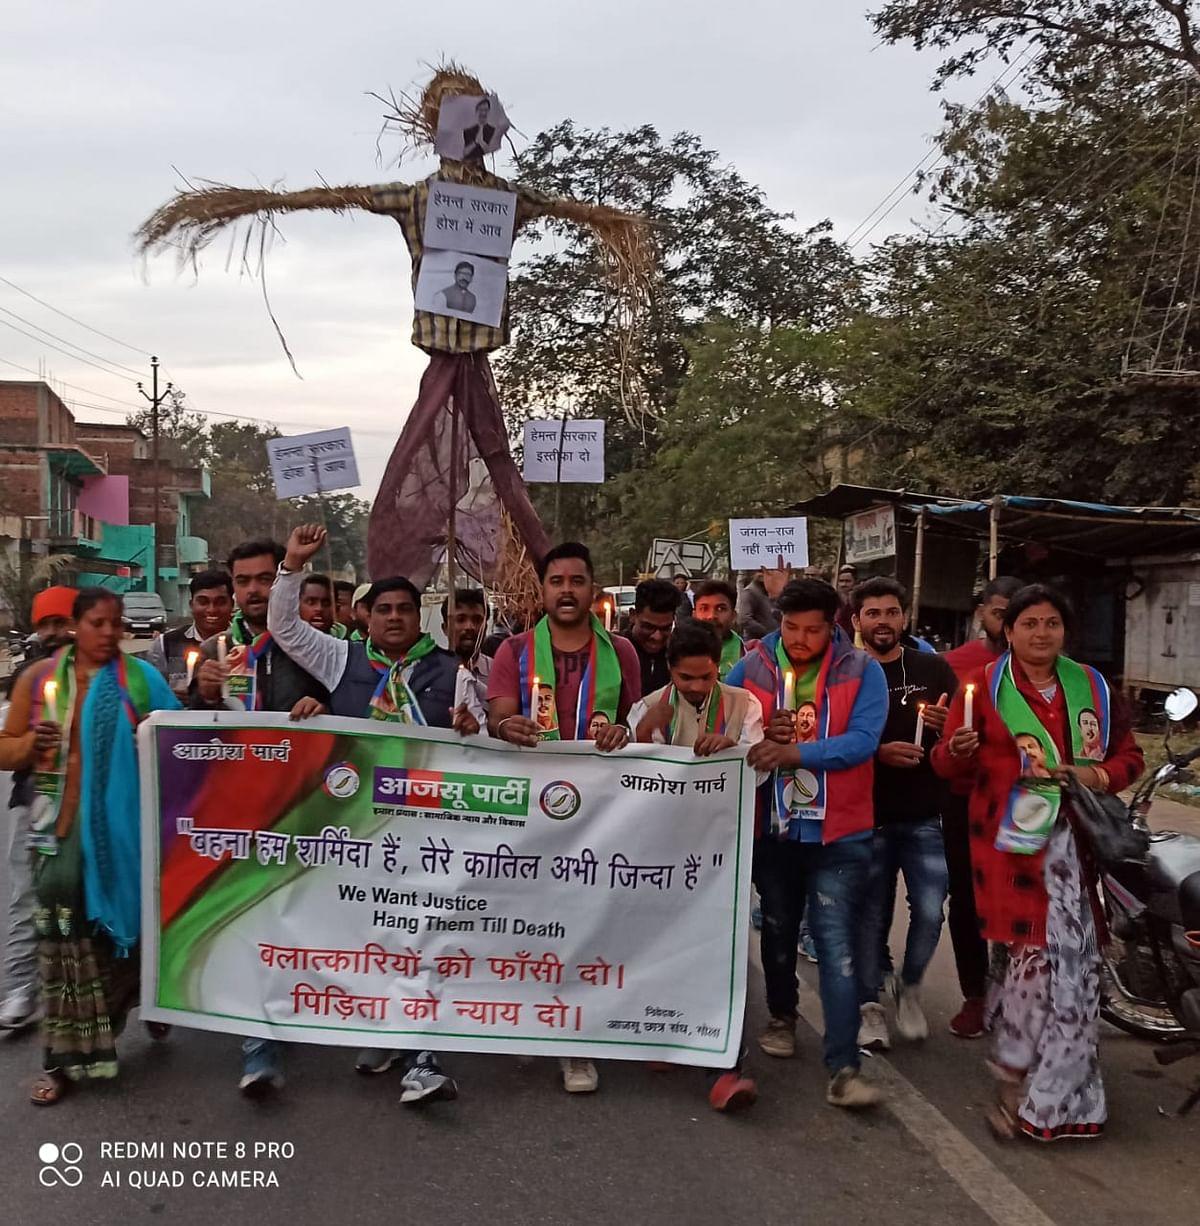 ओरमांझी निर्भया कांड से आक्रोशित आजसू छात्र संघ ने फूंका सीएम का पुतला